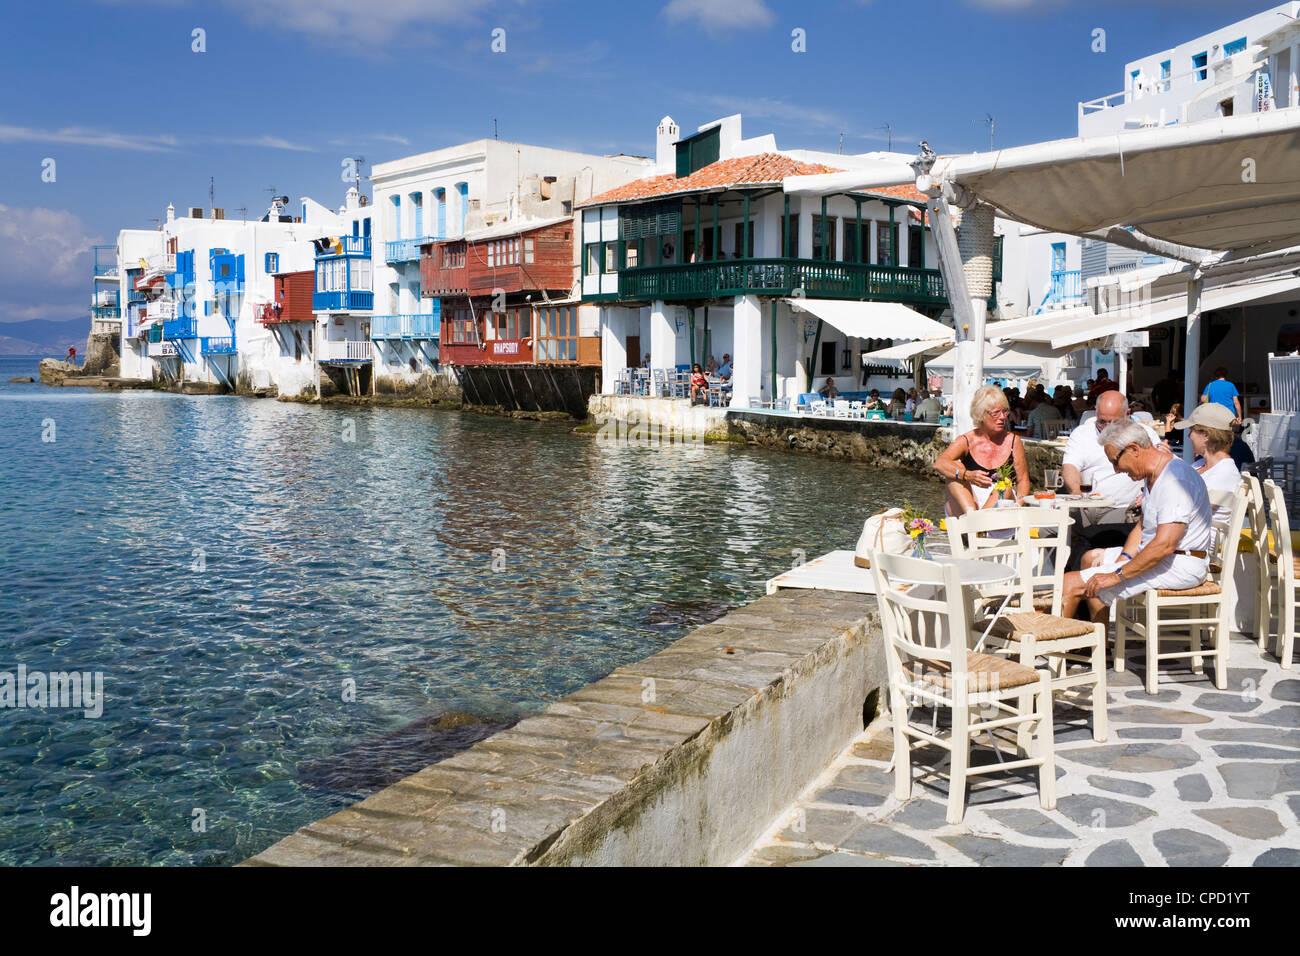 Little Venice in Mykonos Town, Island of Mykonos, Cyclades, Greek Islands, Greece, Europe - Stock Image